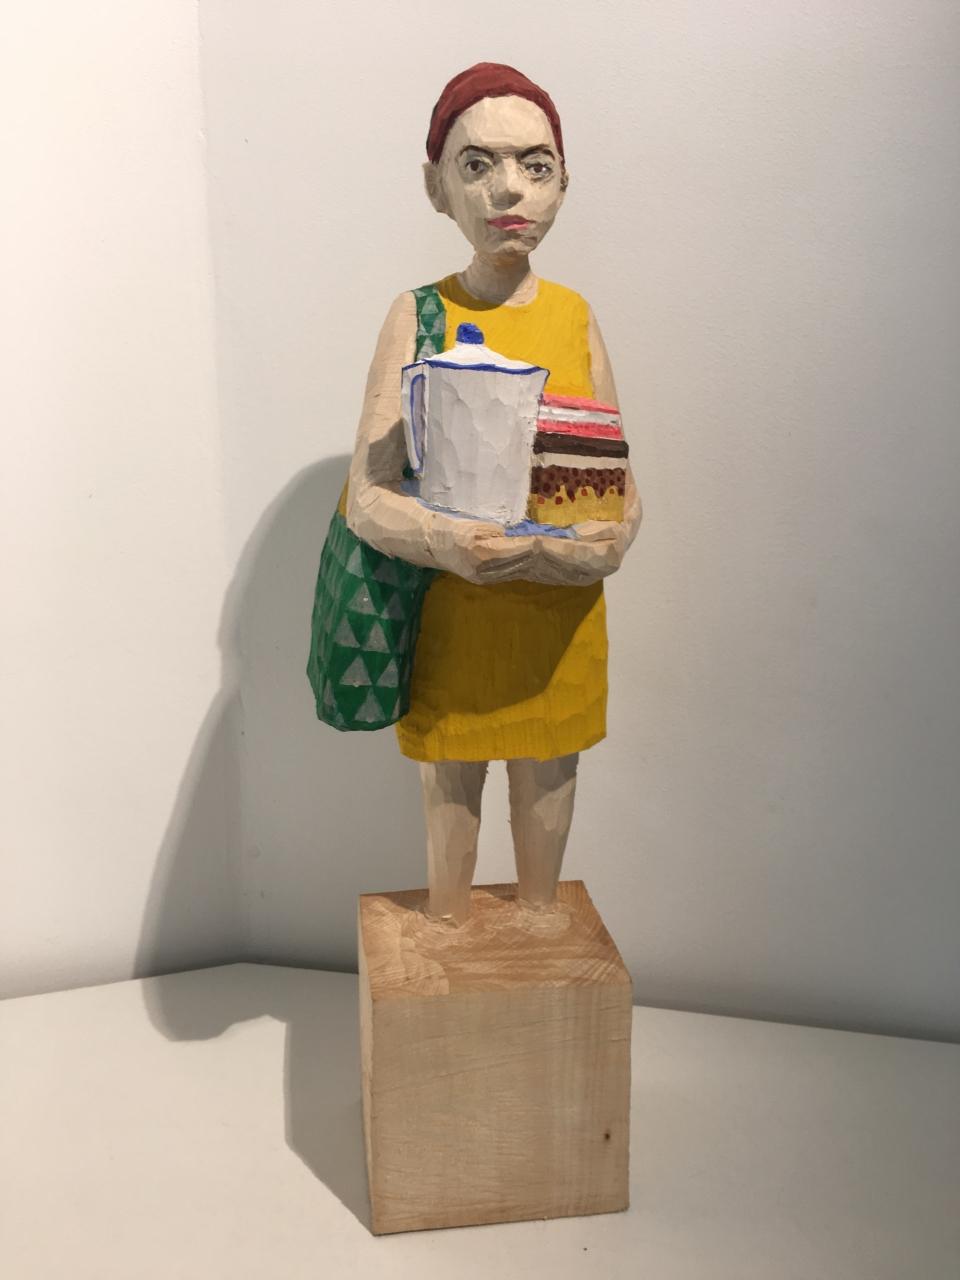 Edekafrau (1334) mit Kaffeekanne und Kuchen